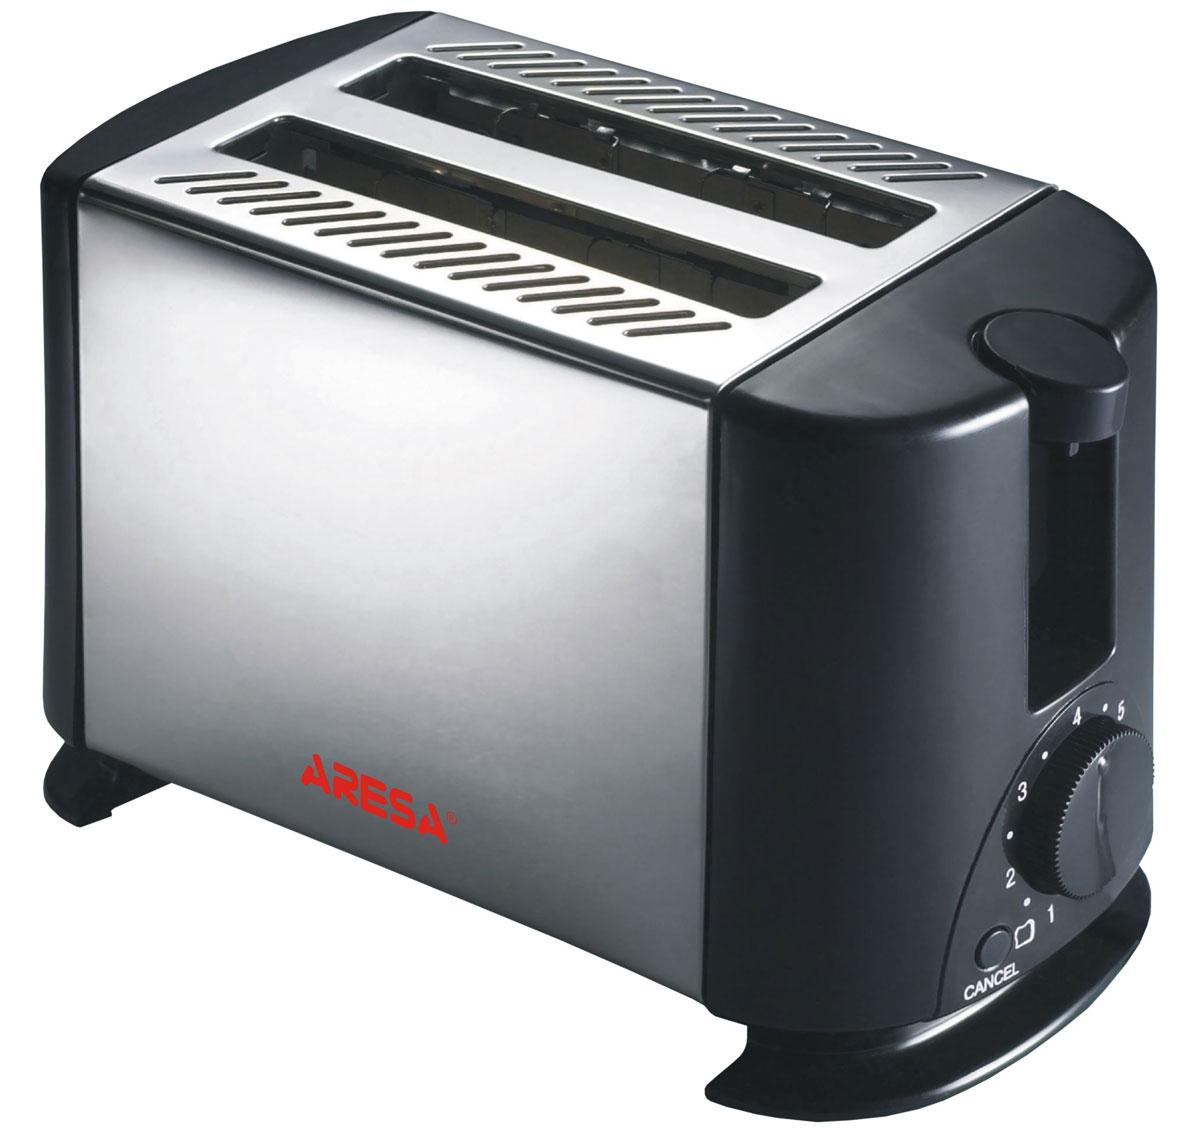 Aresa AR-3002 тостерAR-3002Тостер Aresa AR-3002 имеет надежный и прочный корпус из термостойкого пластика и нержавеющей стали. Вы можете регулировать степень поджаривания хлеба (доступно 7 режимов) по вашему вкусу. Прибор также имеет функцию отмены и экстренного поднятия тостов. Съемный поддон для крошек и отсек для хранения шнура обеспечит комфортное и безопасное использование прибора.